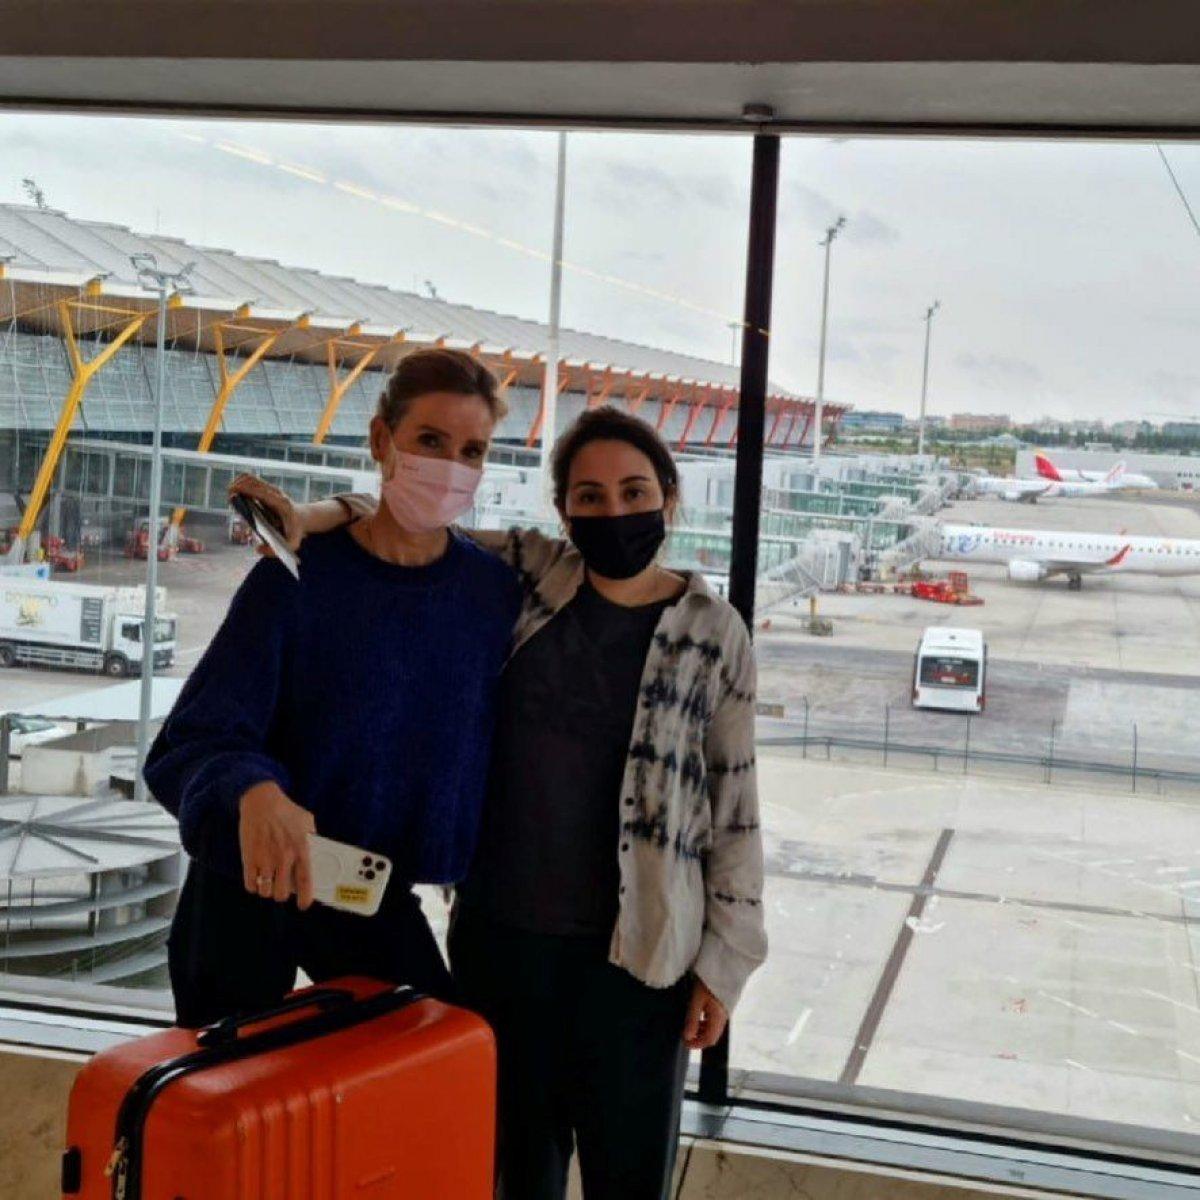 Prenses Latife nin havalimanında çekilen fotoğrafı paylaşıldı #1